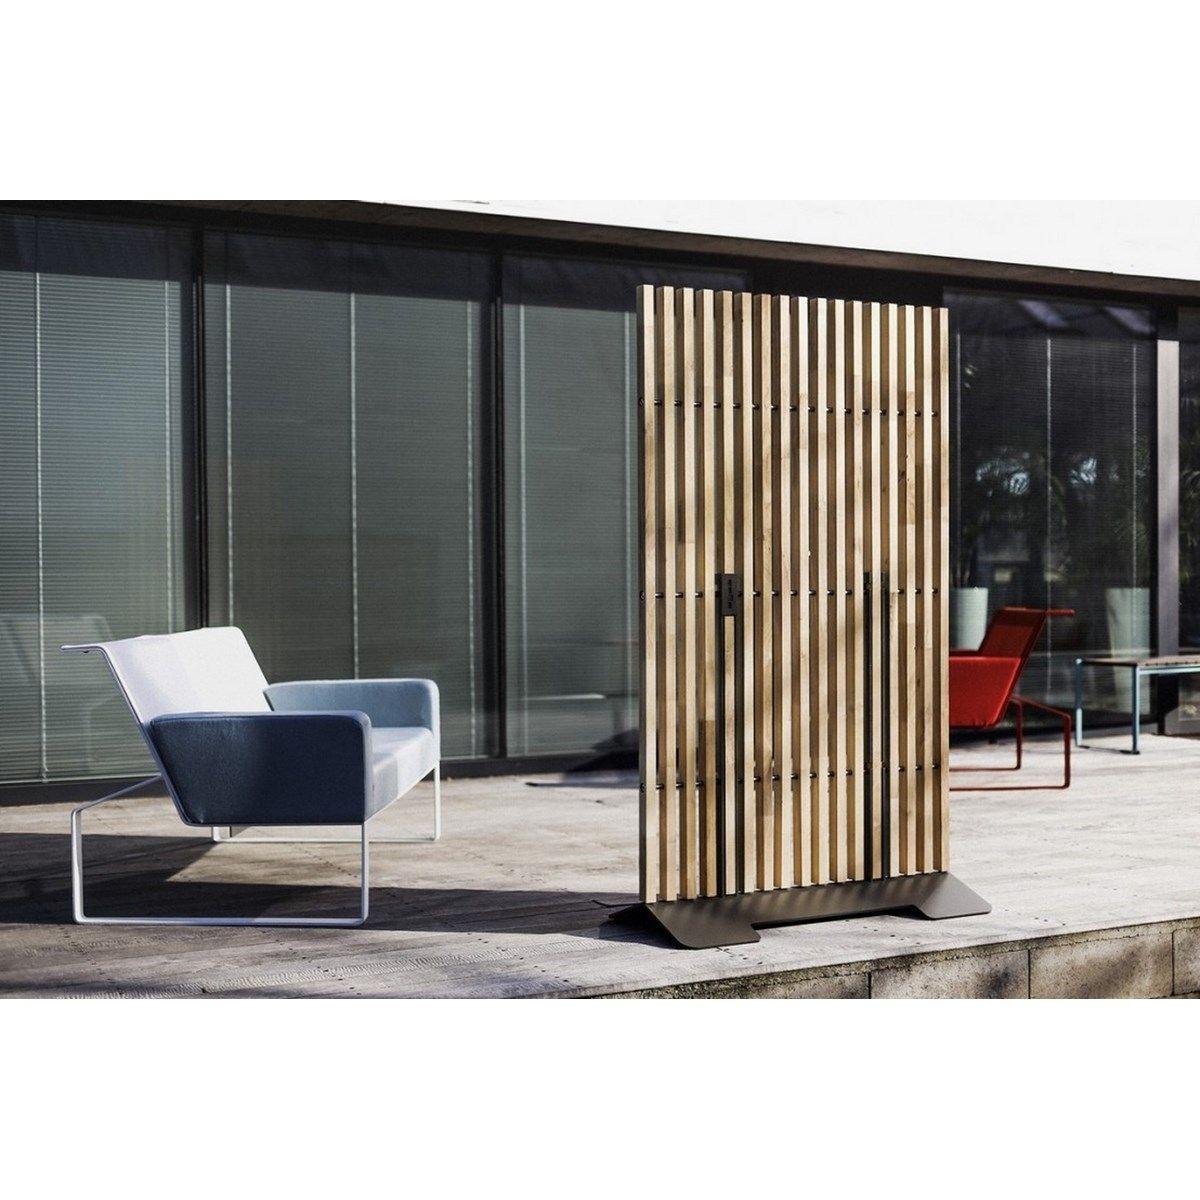 Full Size of Paravent Terrasse Extrieur De Egoe Design Mario Haus Und Ral Garten Wohnzimmer Paravent Terrasse